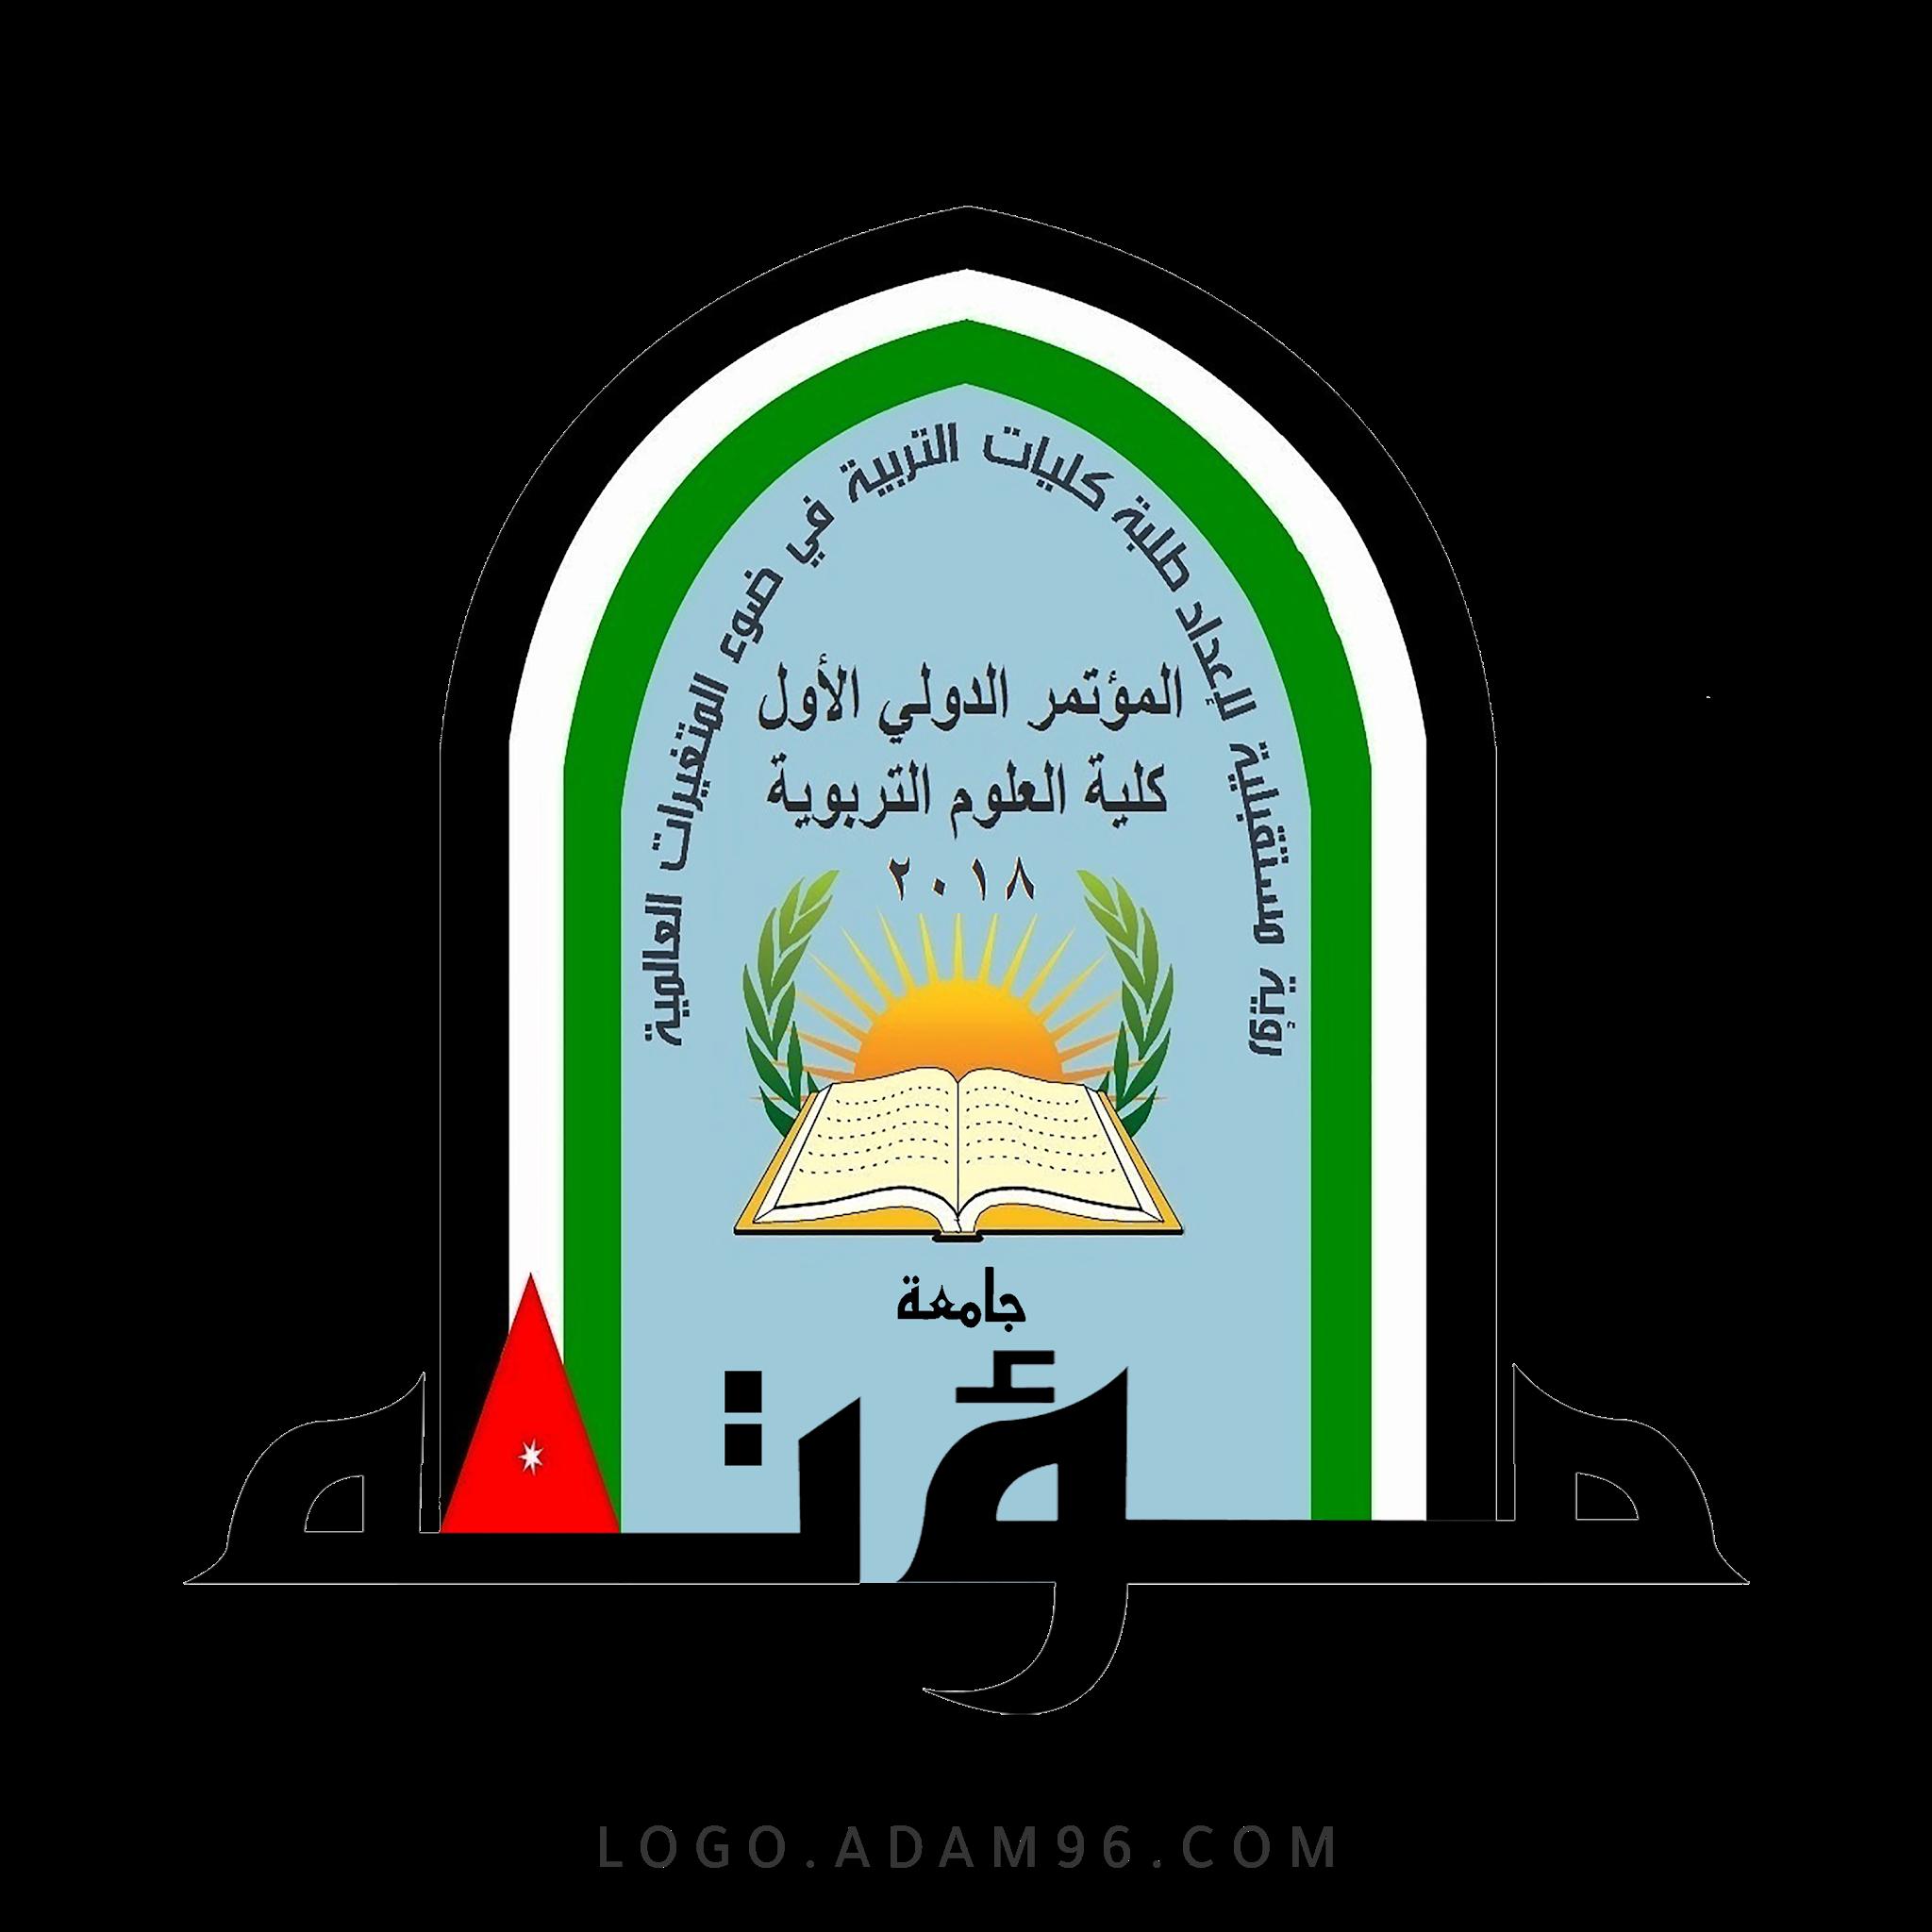 تحميل شعار جامعة مؤتة الرسمي بجودة عالية PNG - شعارات جامعات